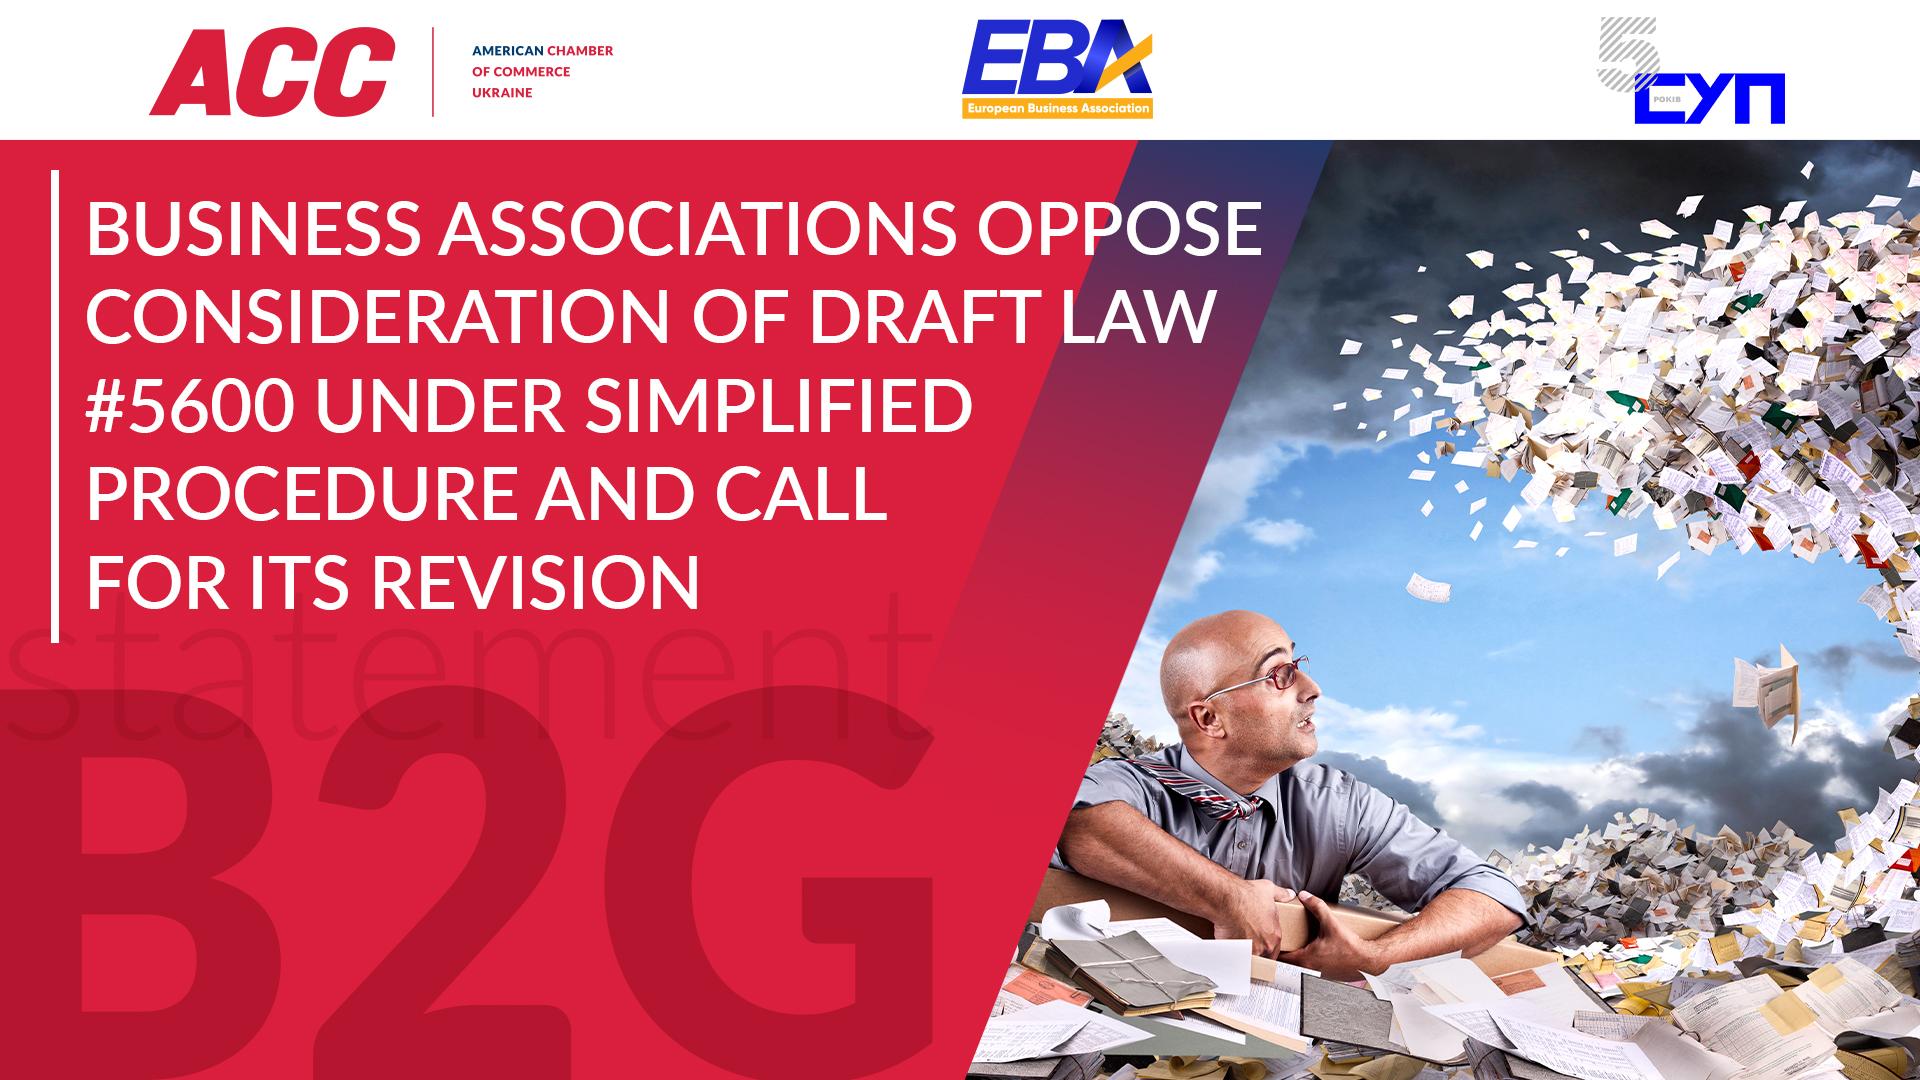 Бізнес-асоціації виступають проти розгляду законопроекту №5600 за скороченою процедурою та закликають повернути його на доопрацювання